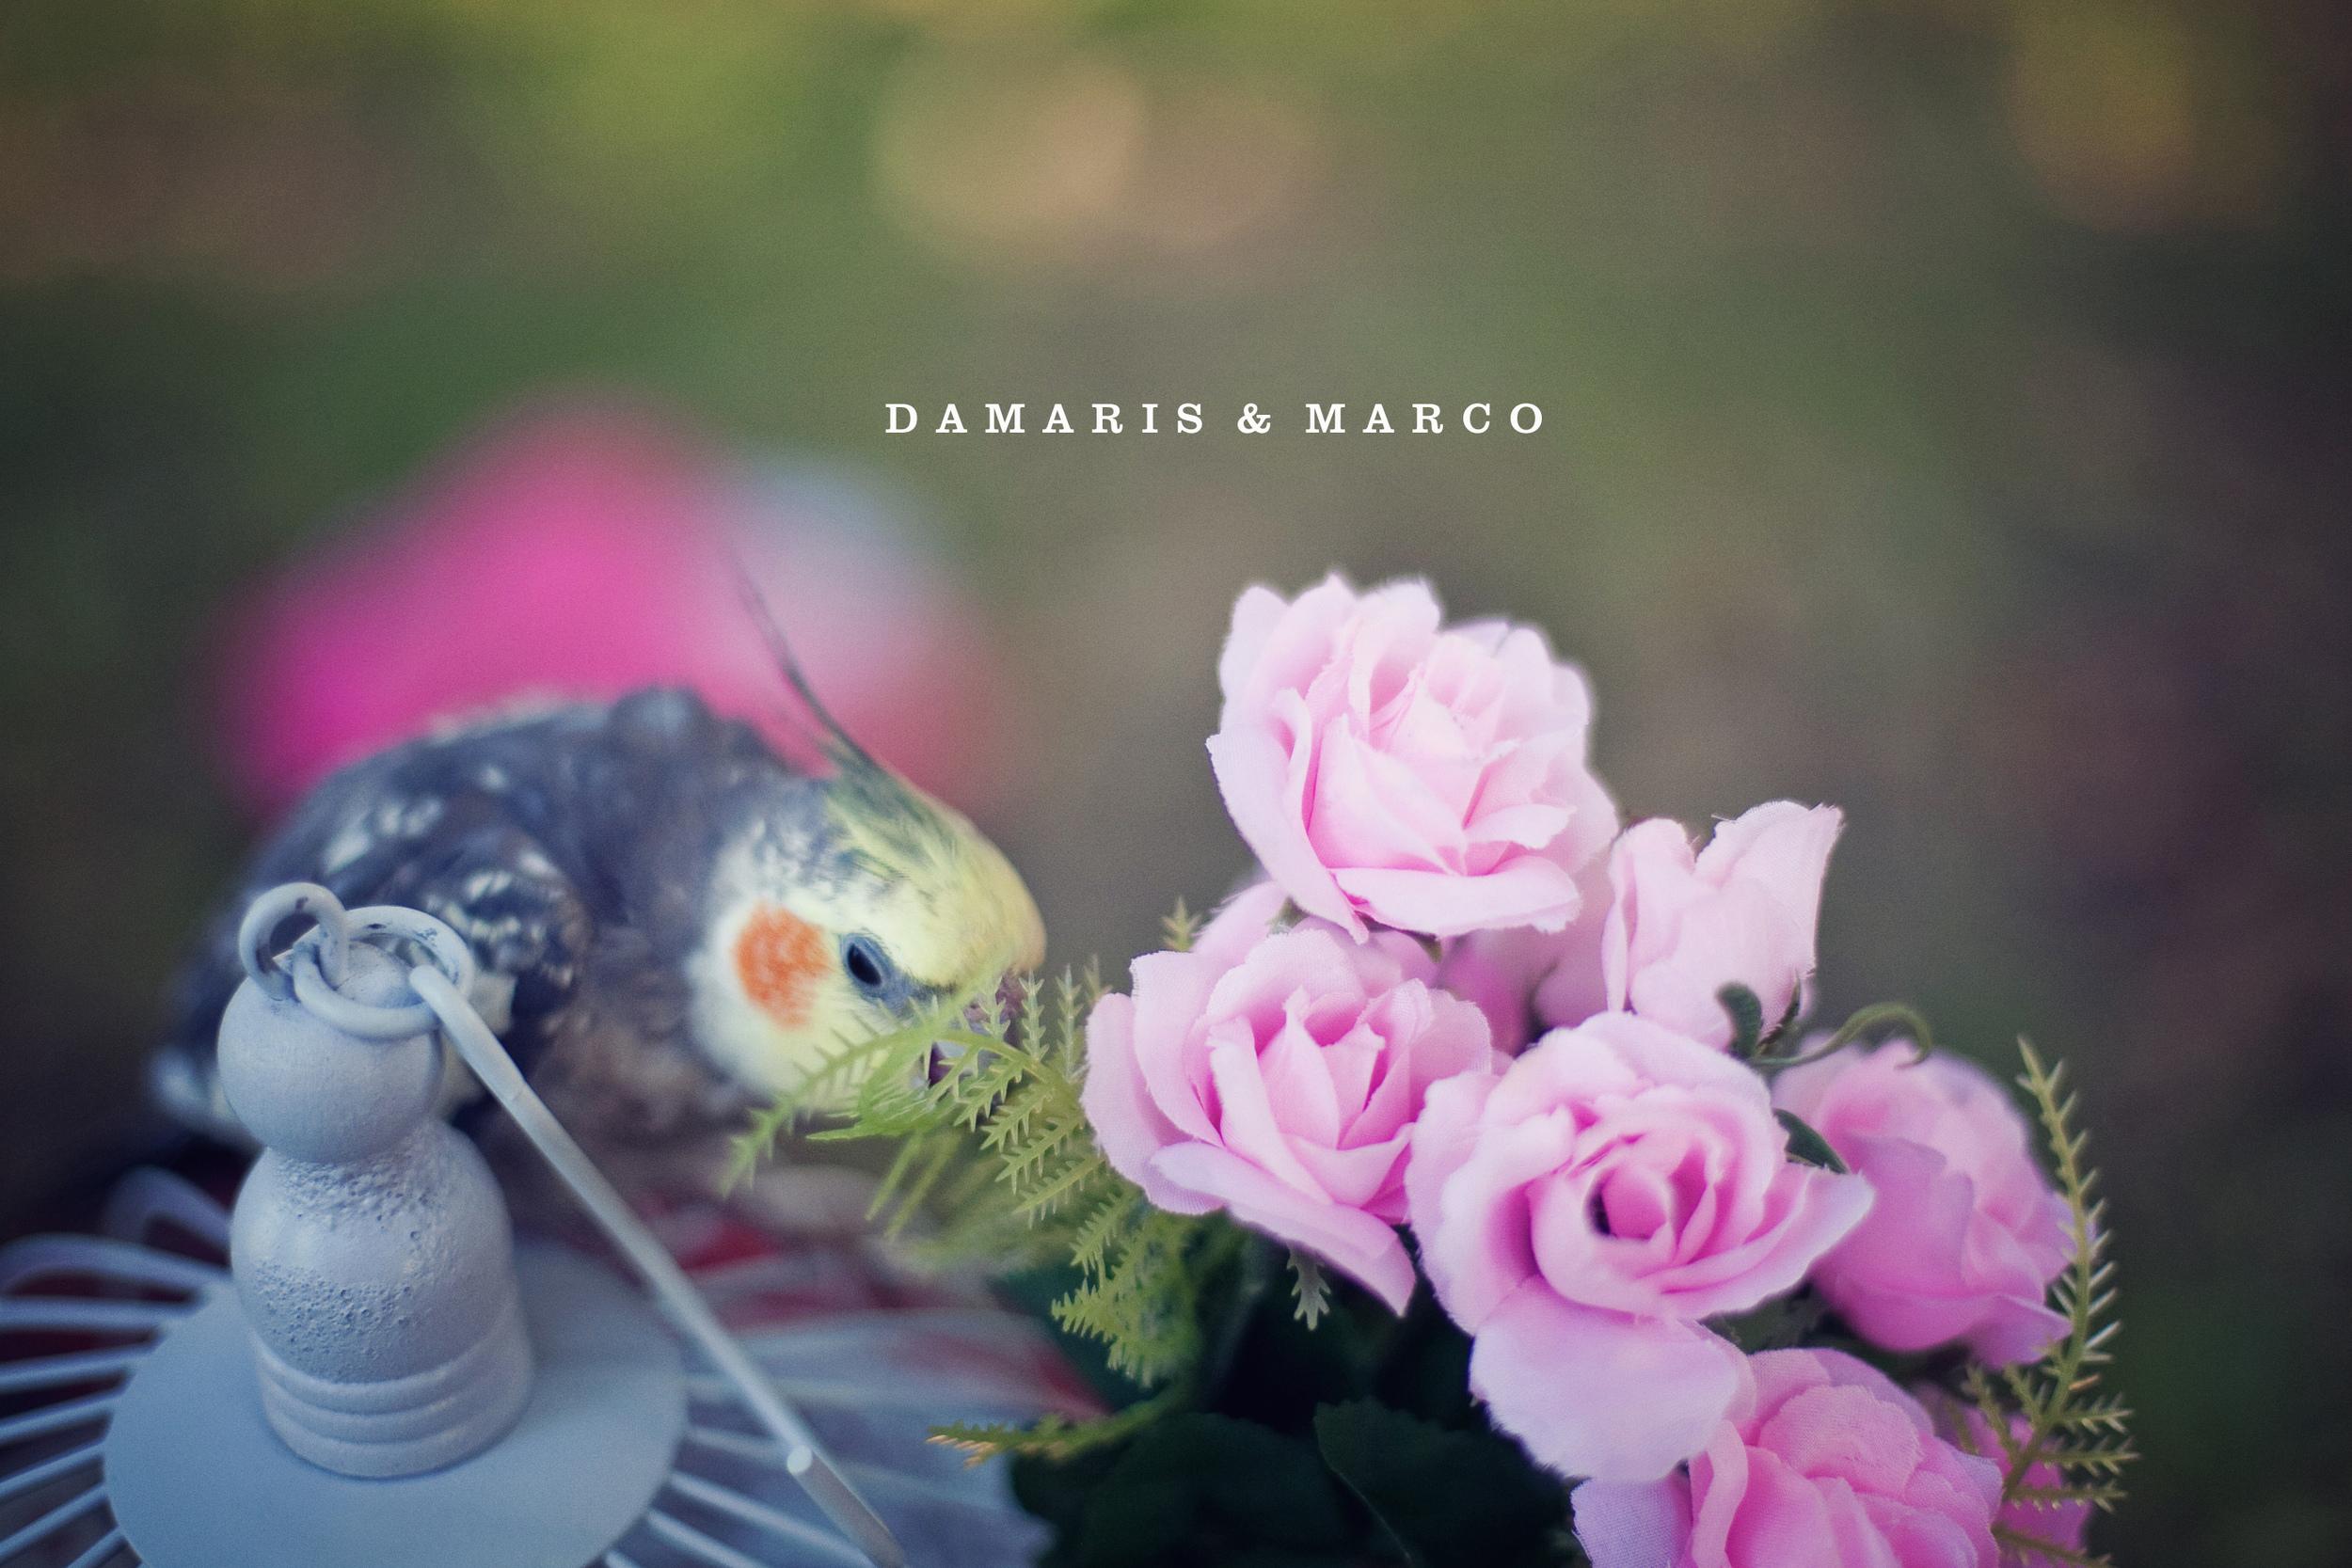 damaris_marco_001.jpg